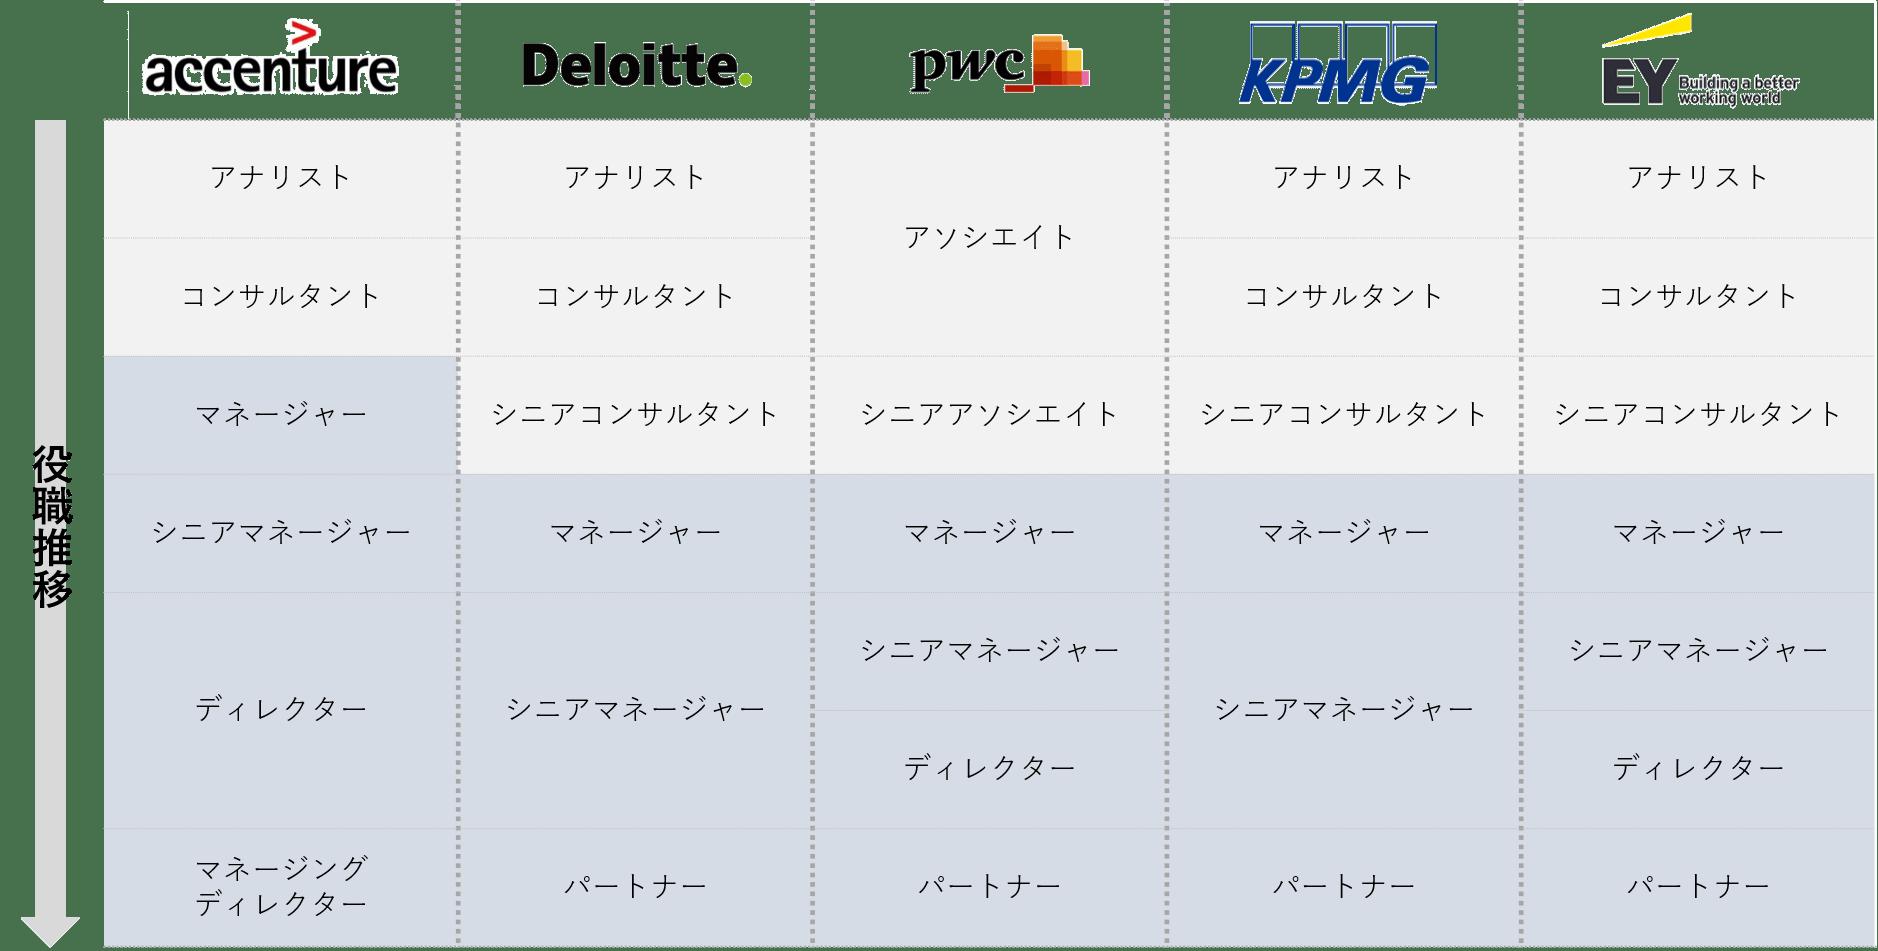 アクセンチュア・BIG4コンサル_役職比較